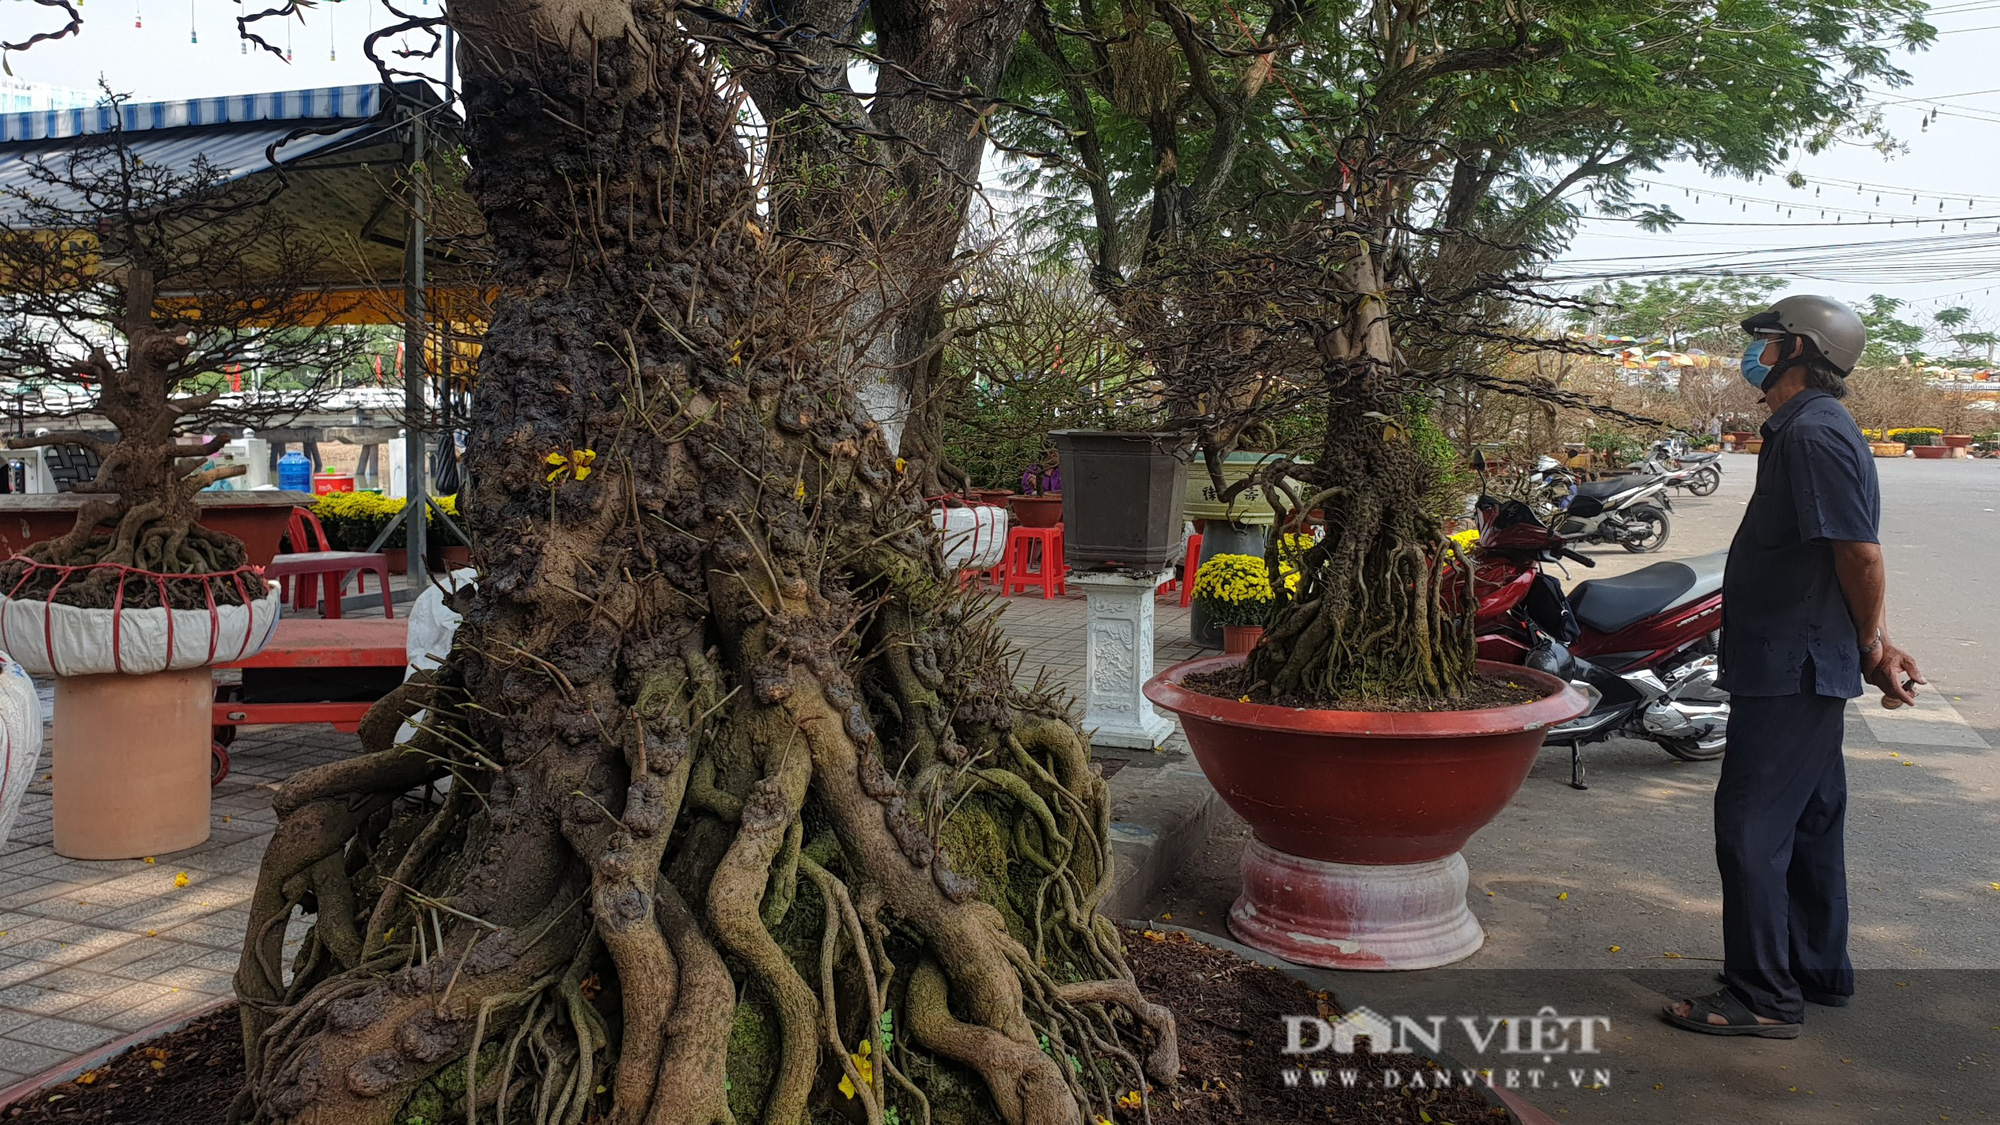 Hai cây mai vàng nổi 'vảy rồng' giá 700 triệu đồng ở An Giang - Ảnh 2.